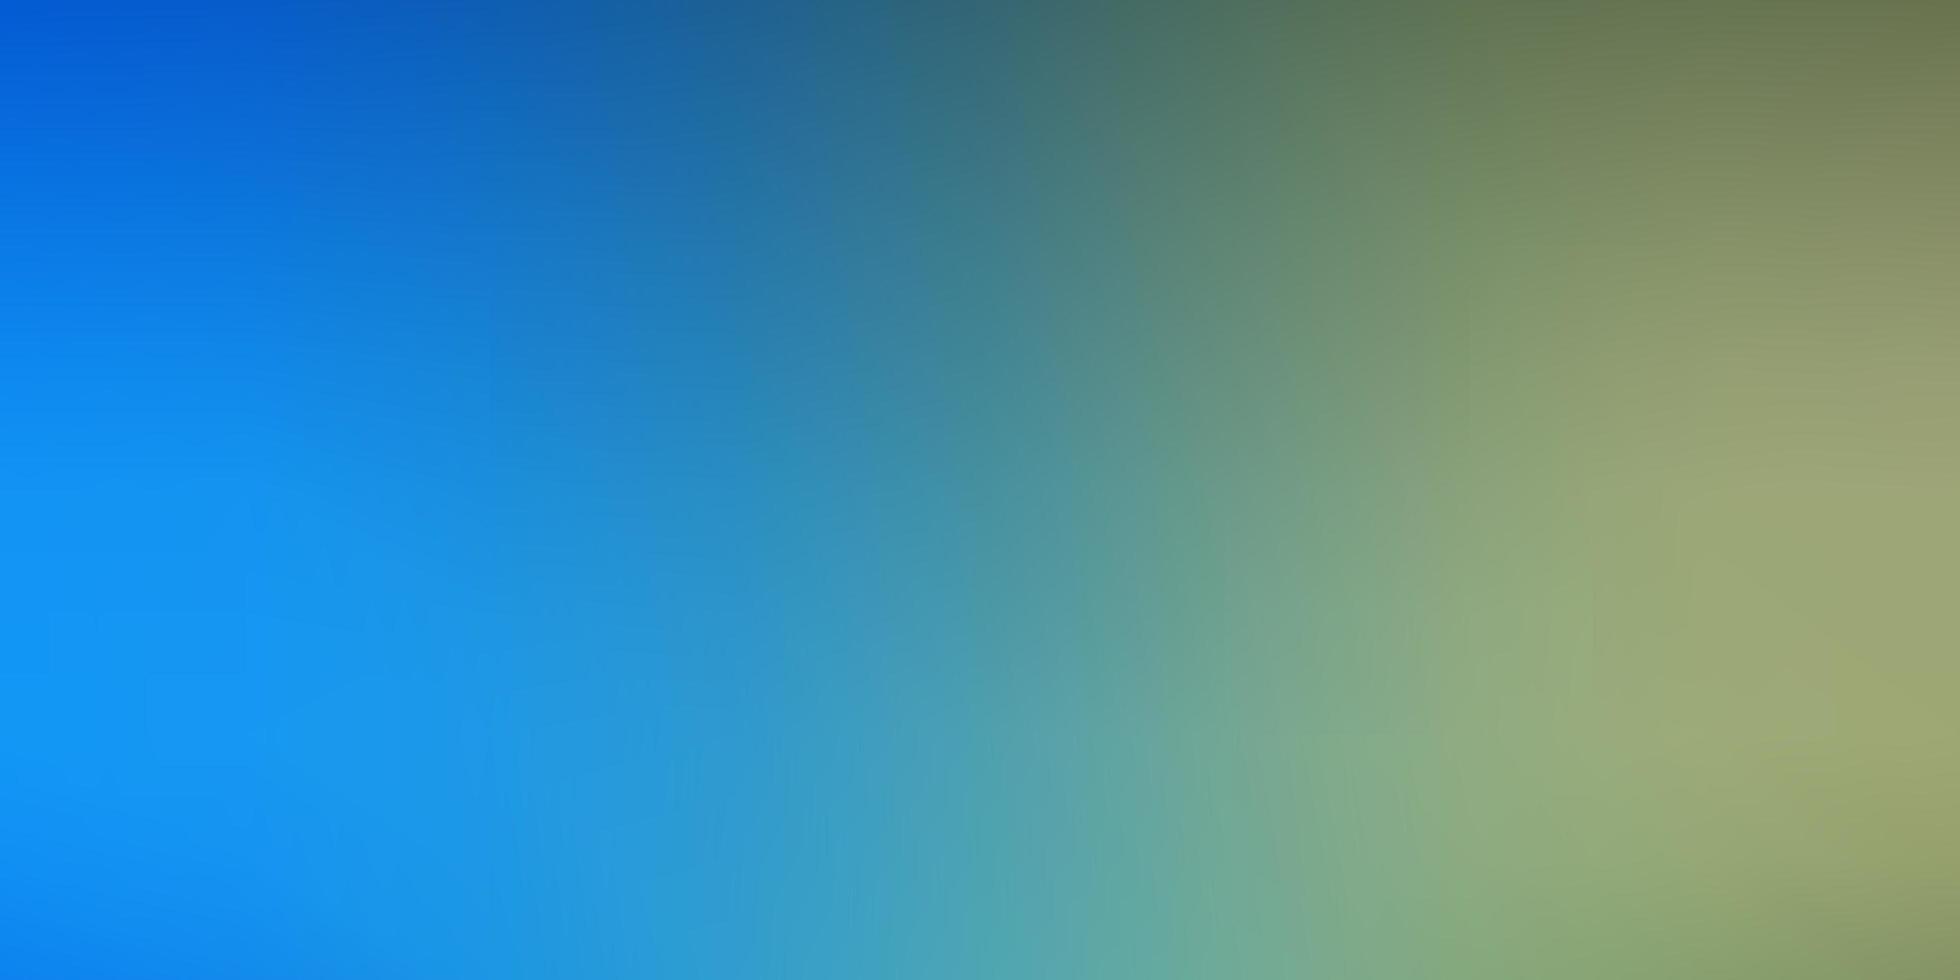 layout abstrato azul escuro vetor